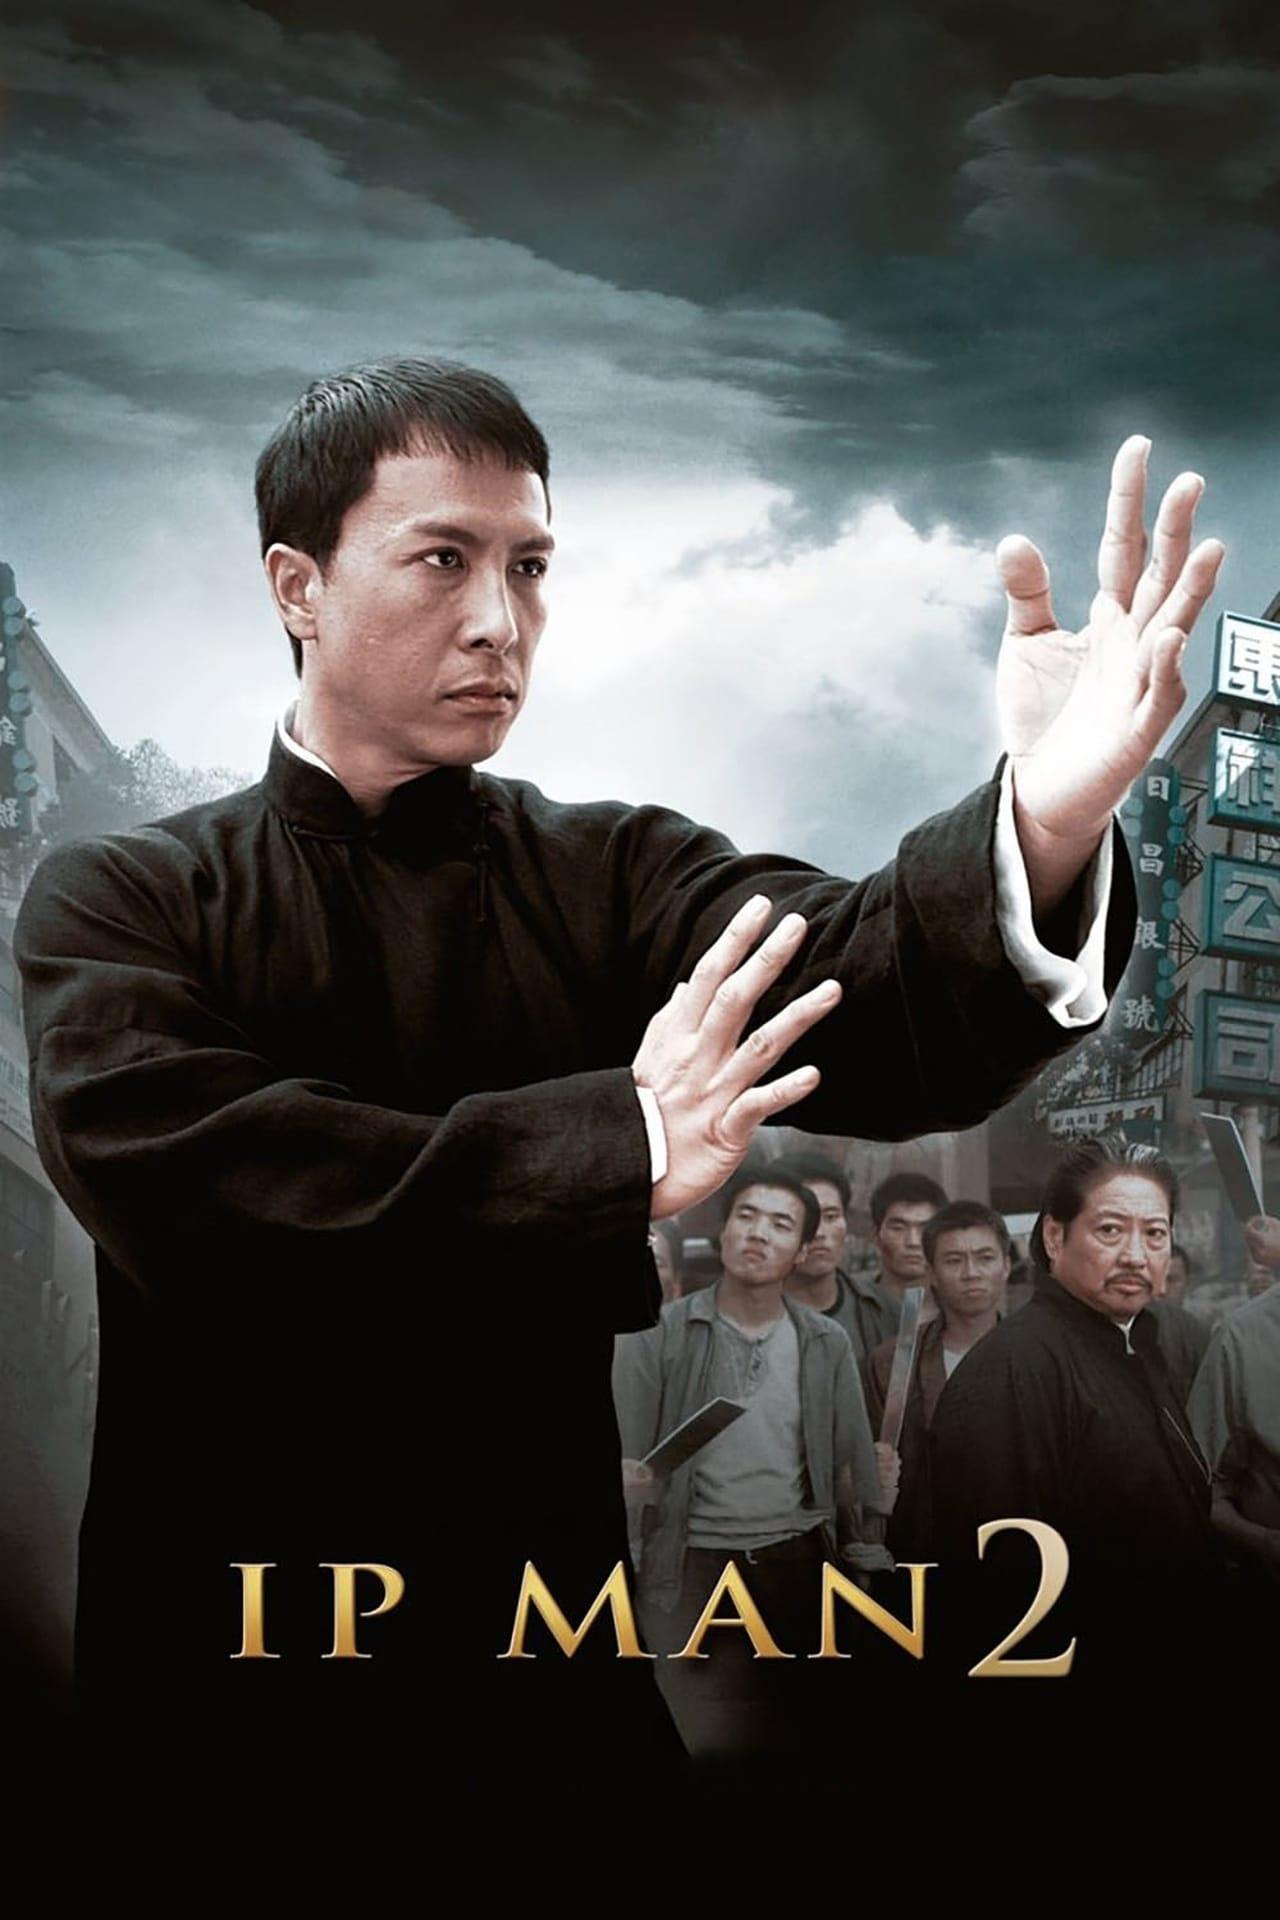 Ver Ip Man 2 (2010) Online Latino HD - Pelisplus